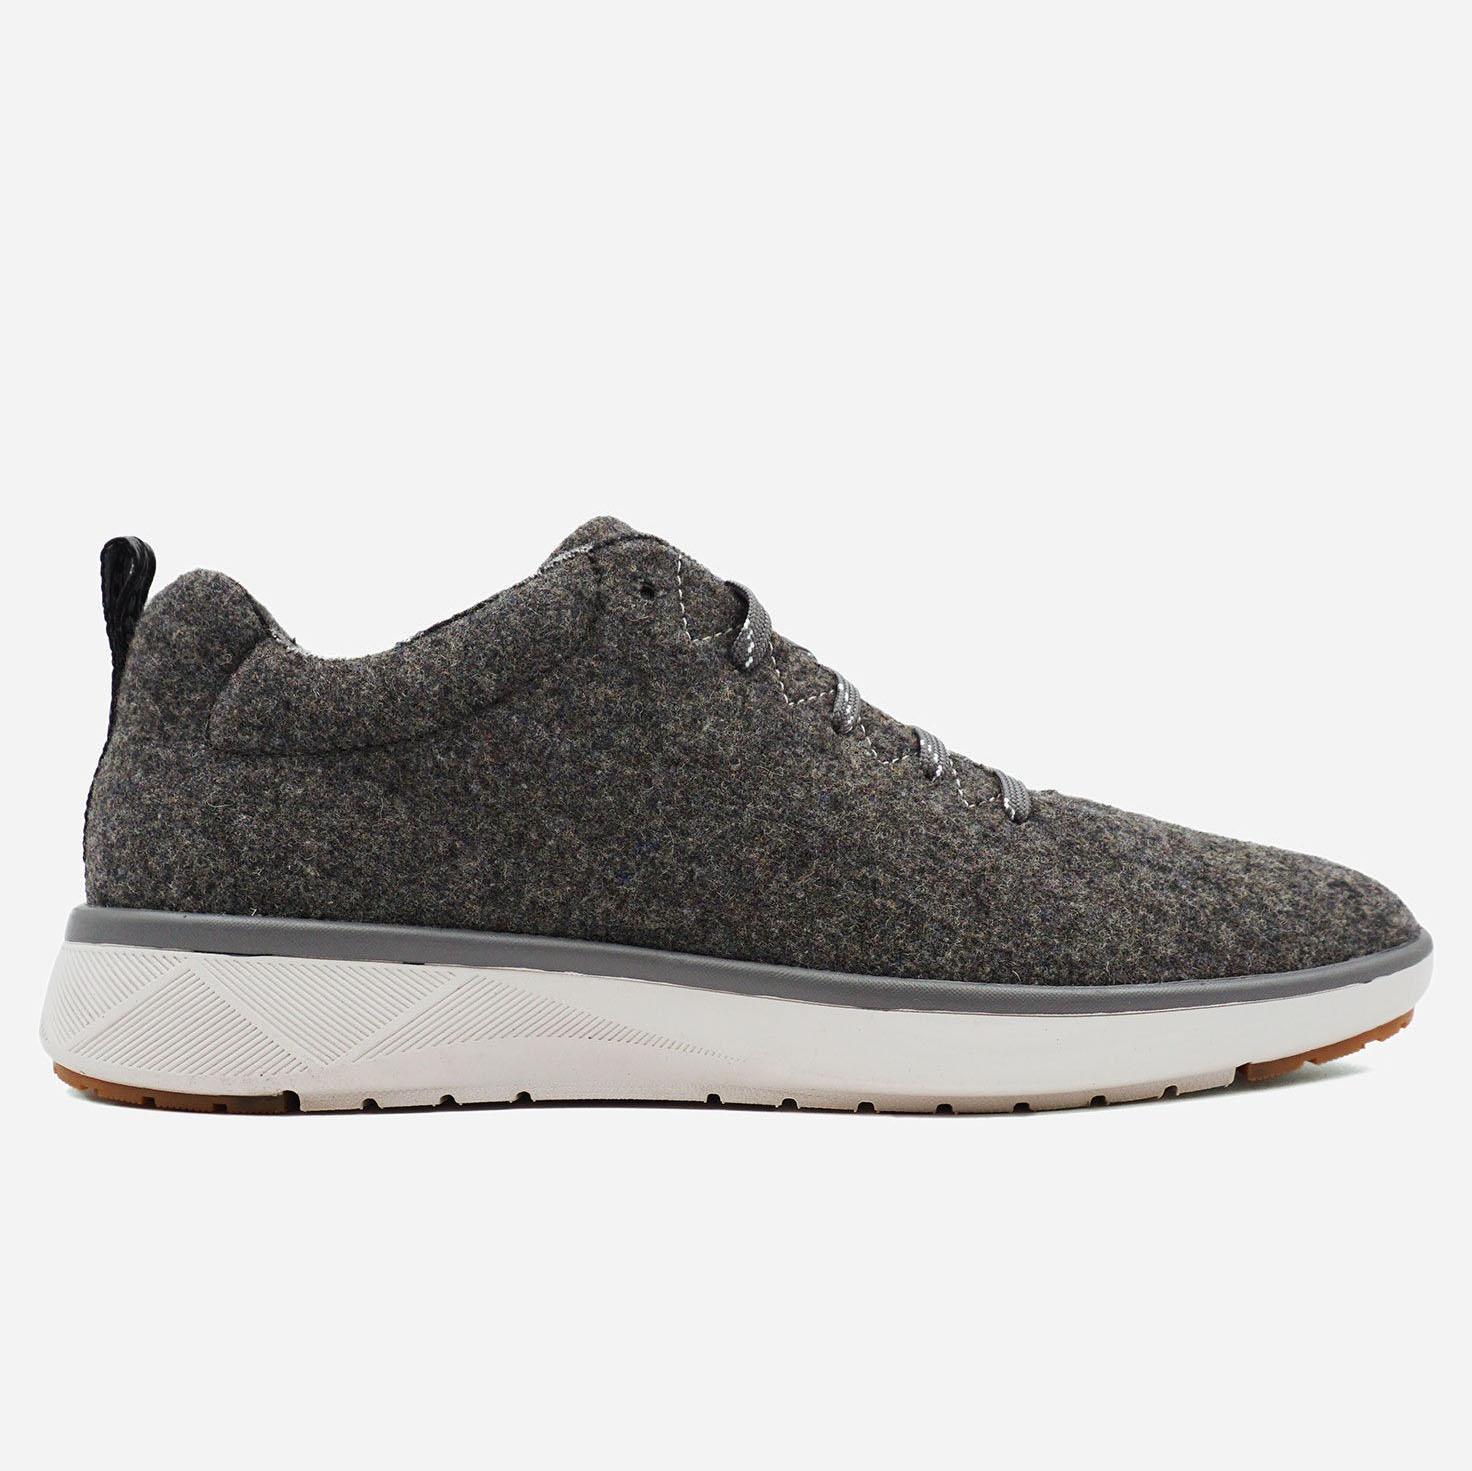 Pendleton Wool Sneakers